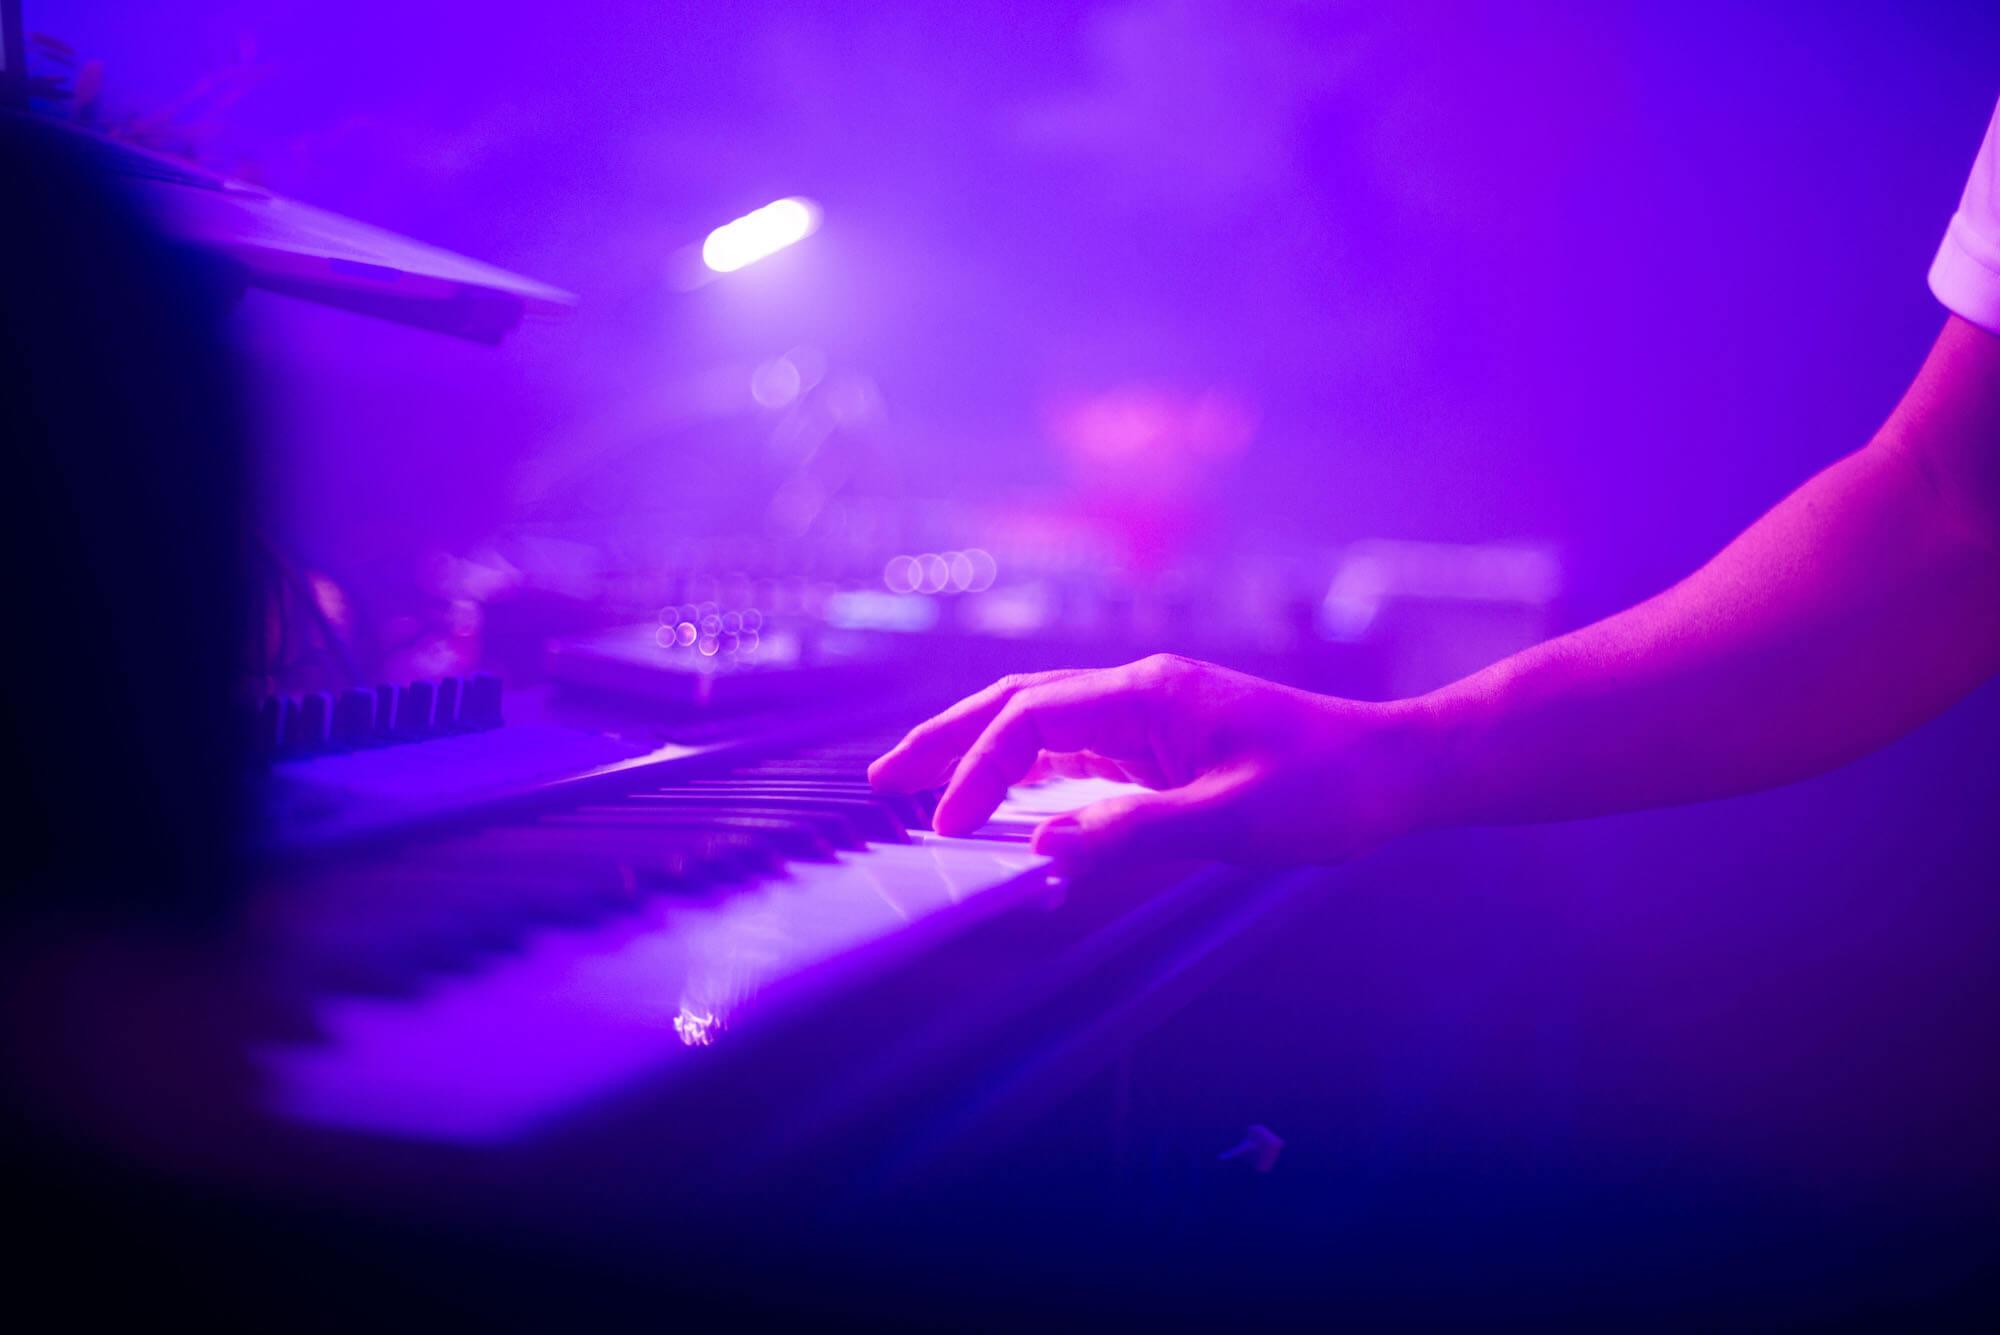 【イベントレポ】KEWL|Soichi Terada × Shinichiro Yokotaが生み出した魔法の景色 music18-kewl-soichi-terada-shinichiro-yokota-9